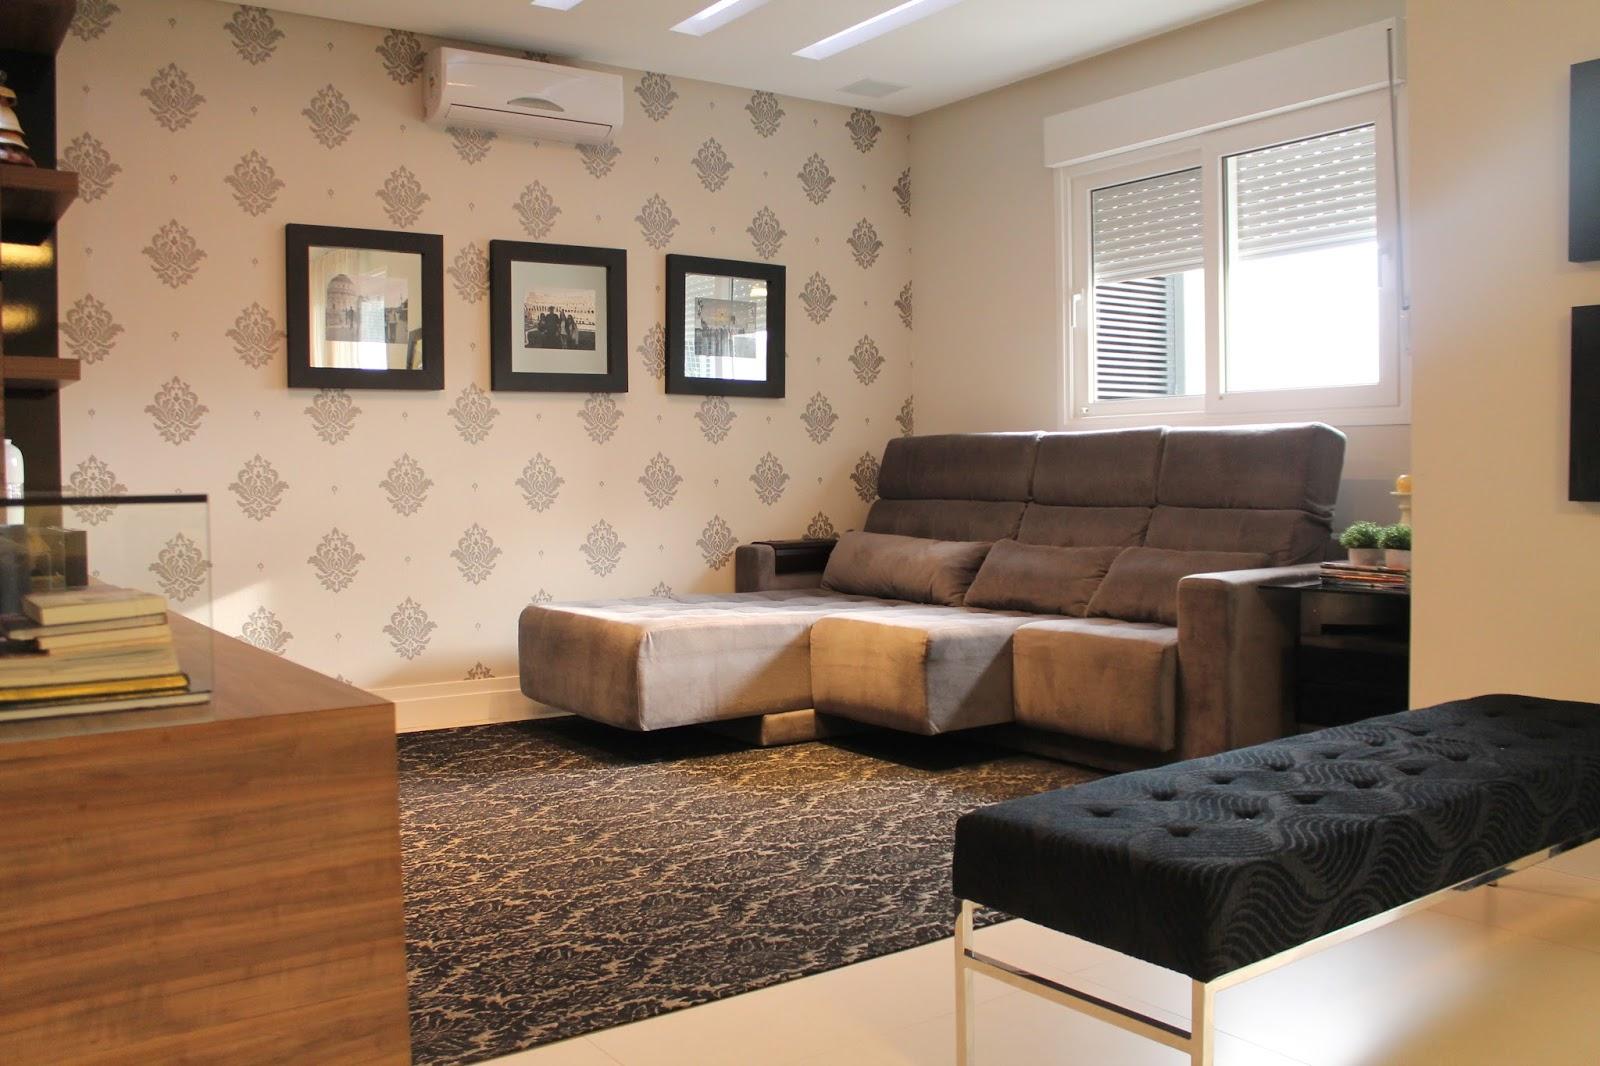 Construindo minha casa clean 13 salas modernas com for Sala de estar com papel de parede 3d